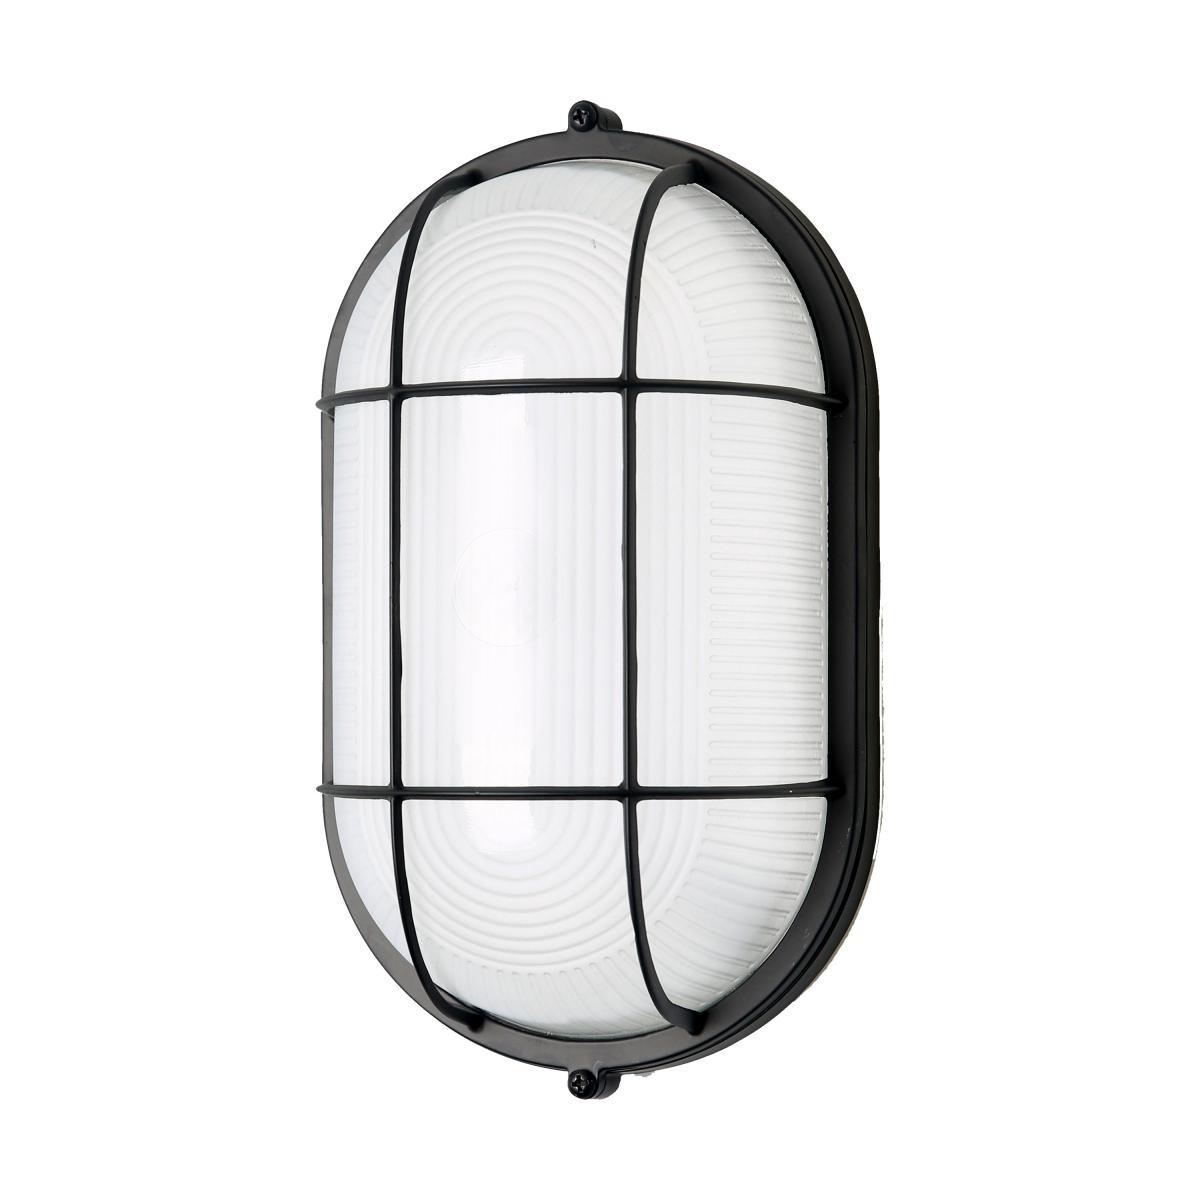 62-1411 LED OVAL BULK HEAD